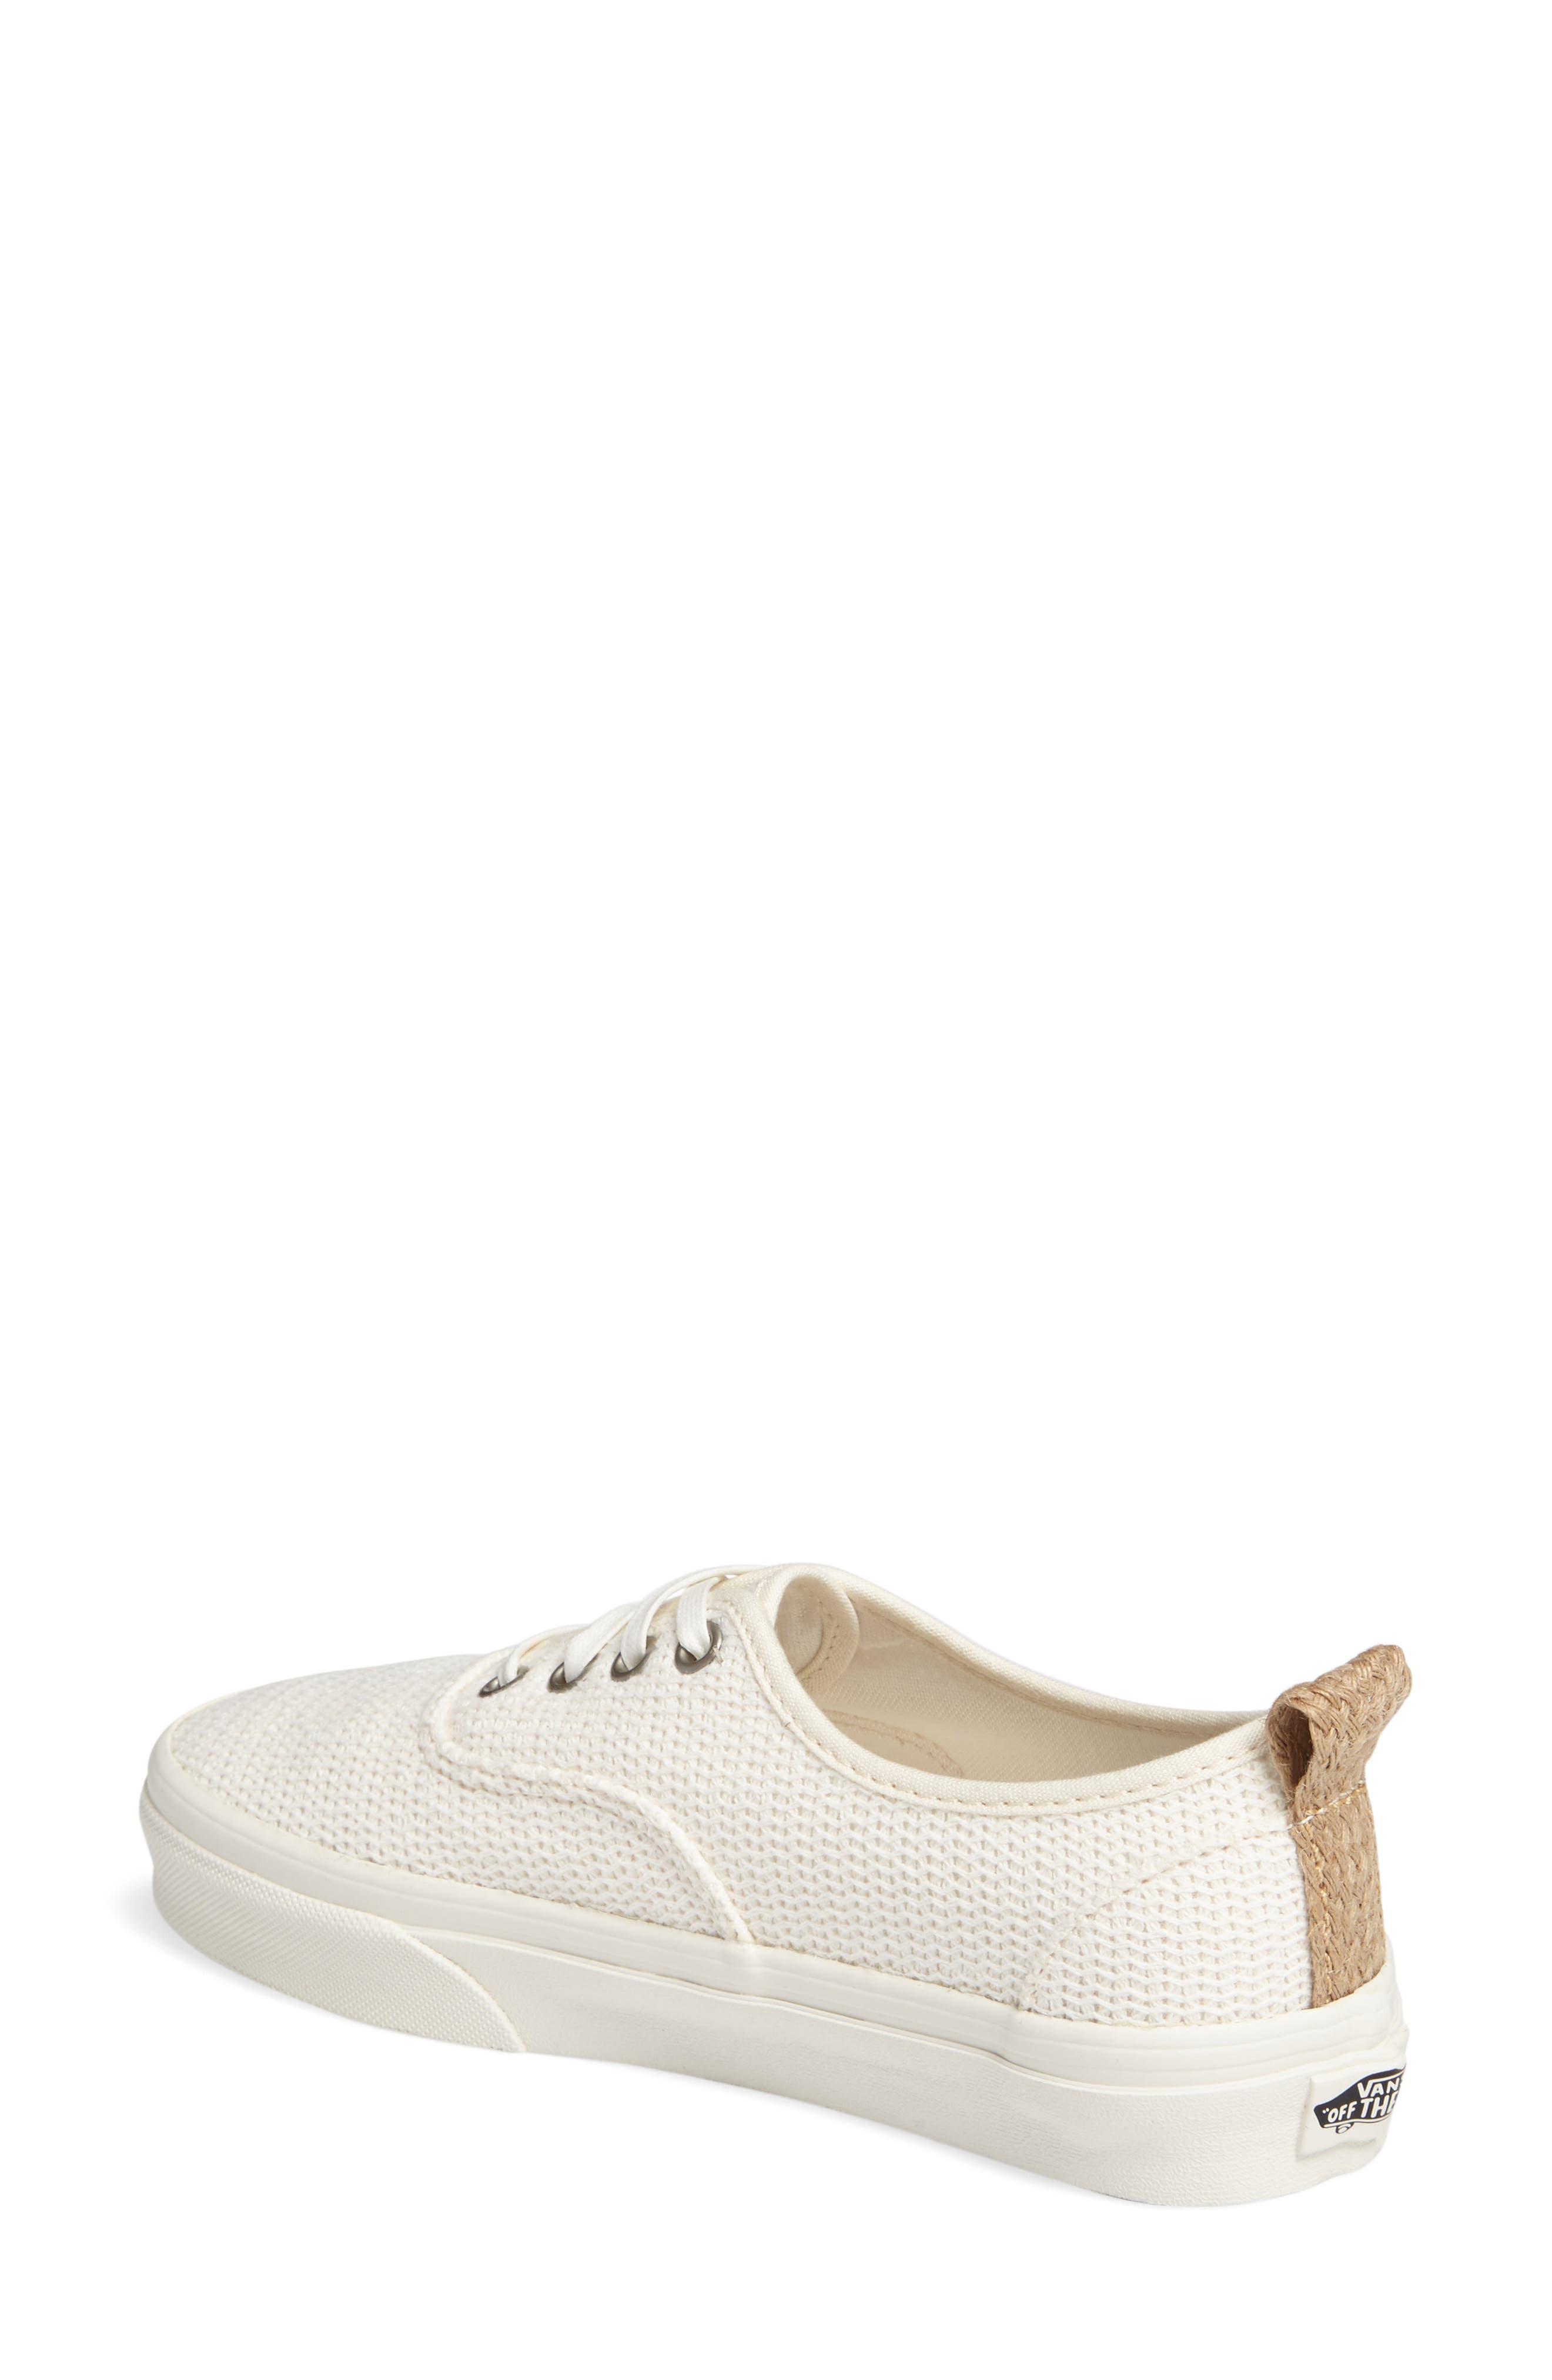 Um Authentic PT Sneaker,                             Alternate thumbnail 2, color,                             100